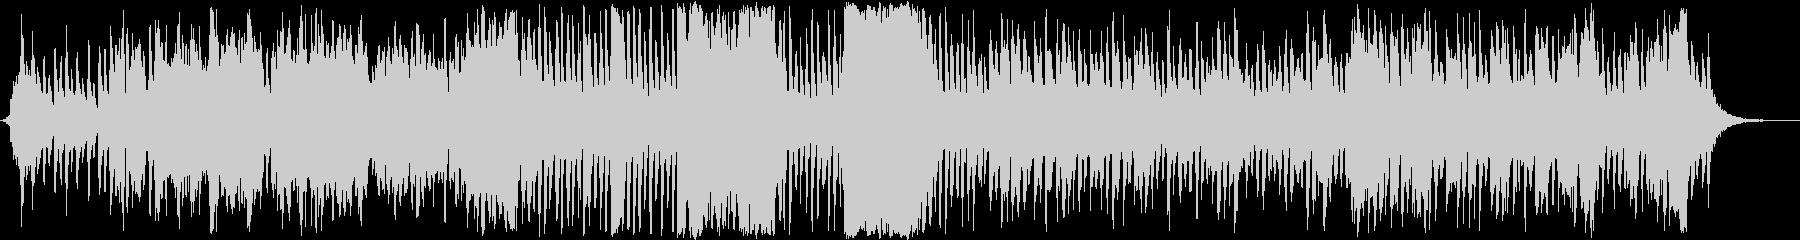 登校シーンBGM/CM/RPG/森の中の未再生の波形